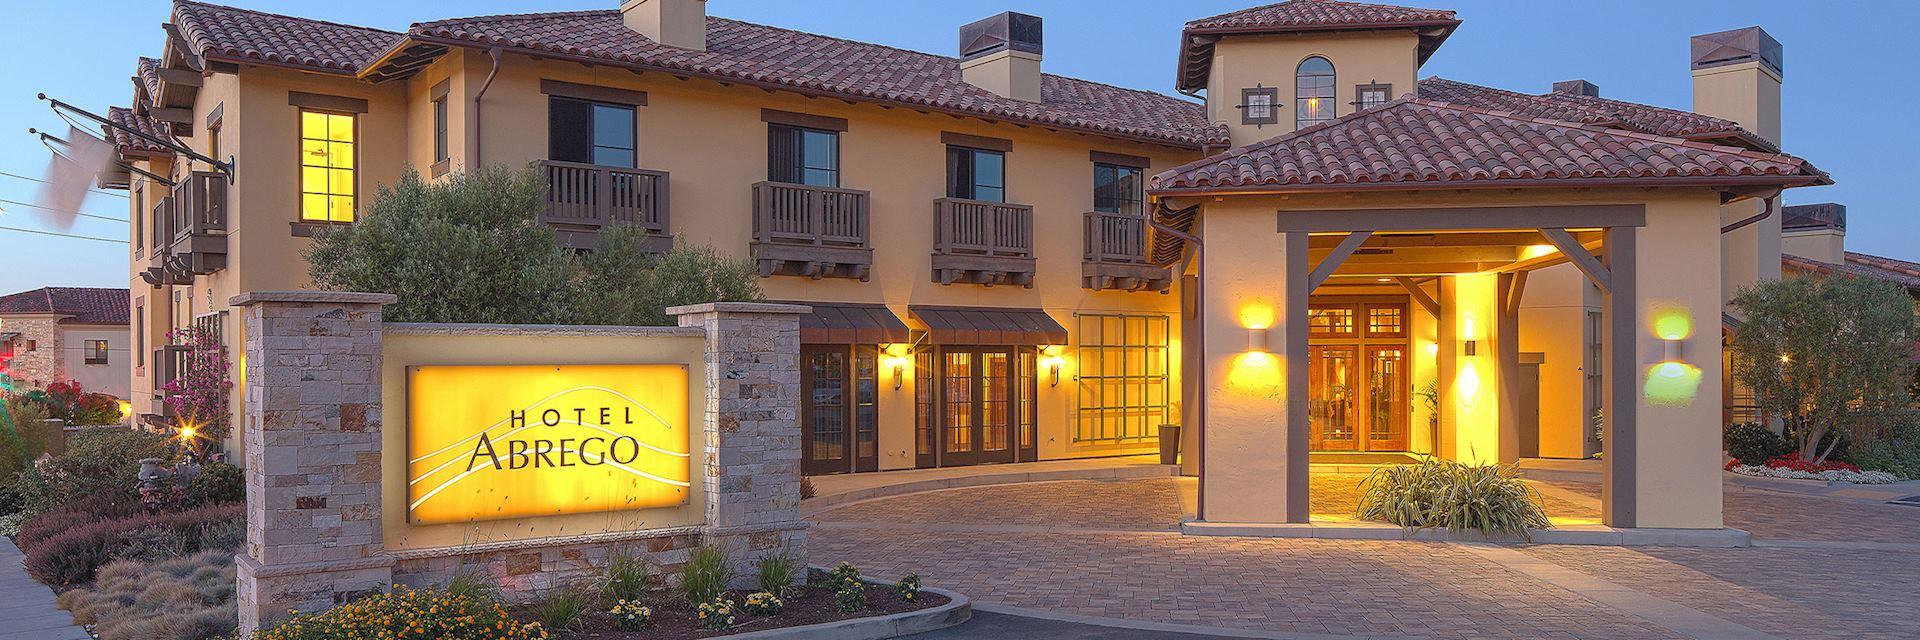 Hotel Abrego, Monterey